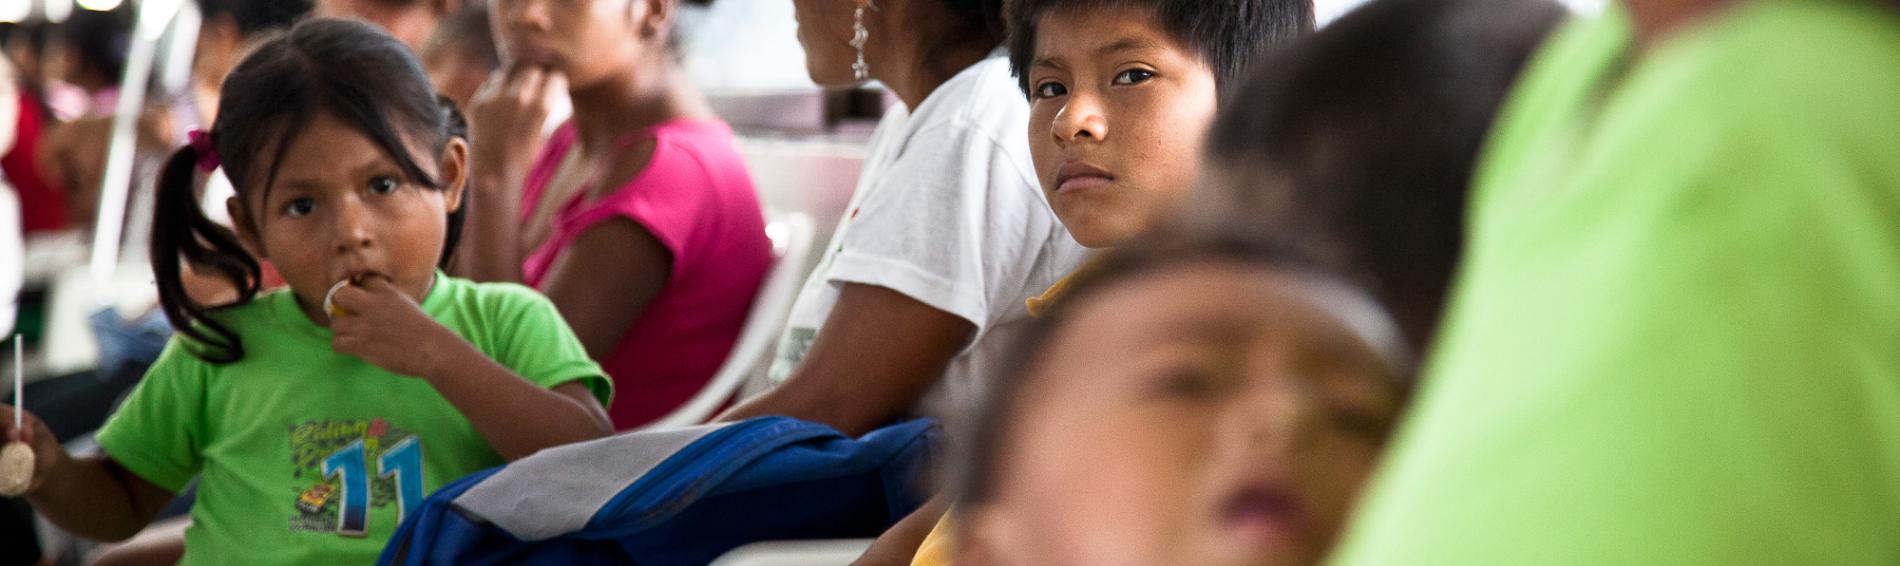 Ärzte der Welt hilft den Opfern des Bürgerkriegs in Kolumbien. Foto:Nadia Berg